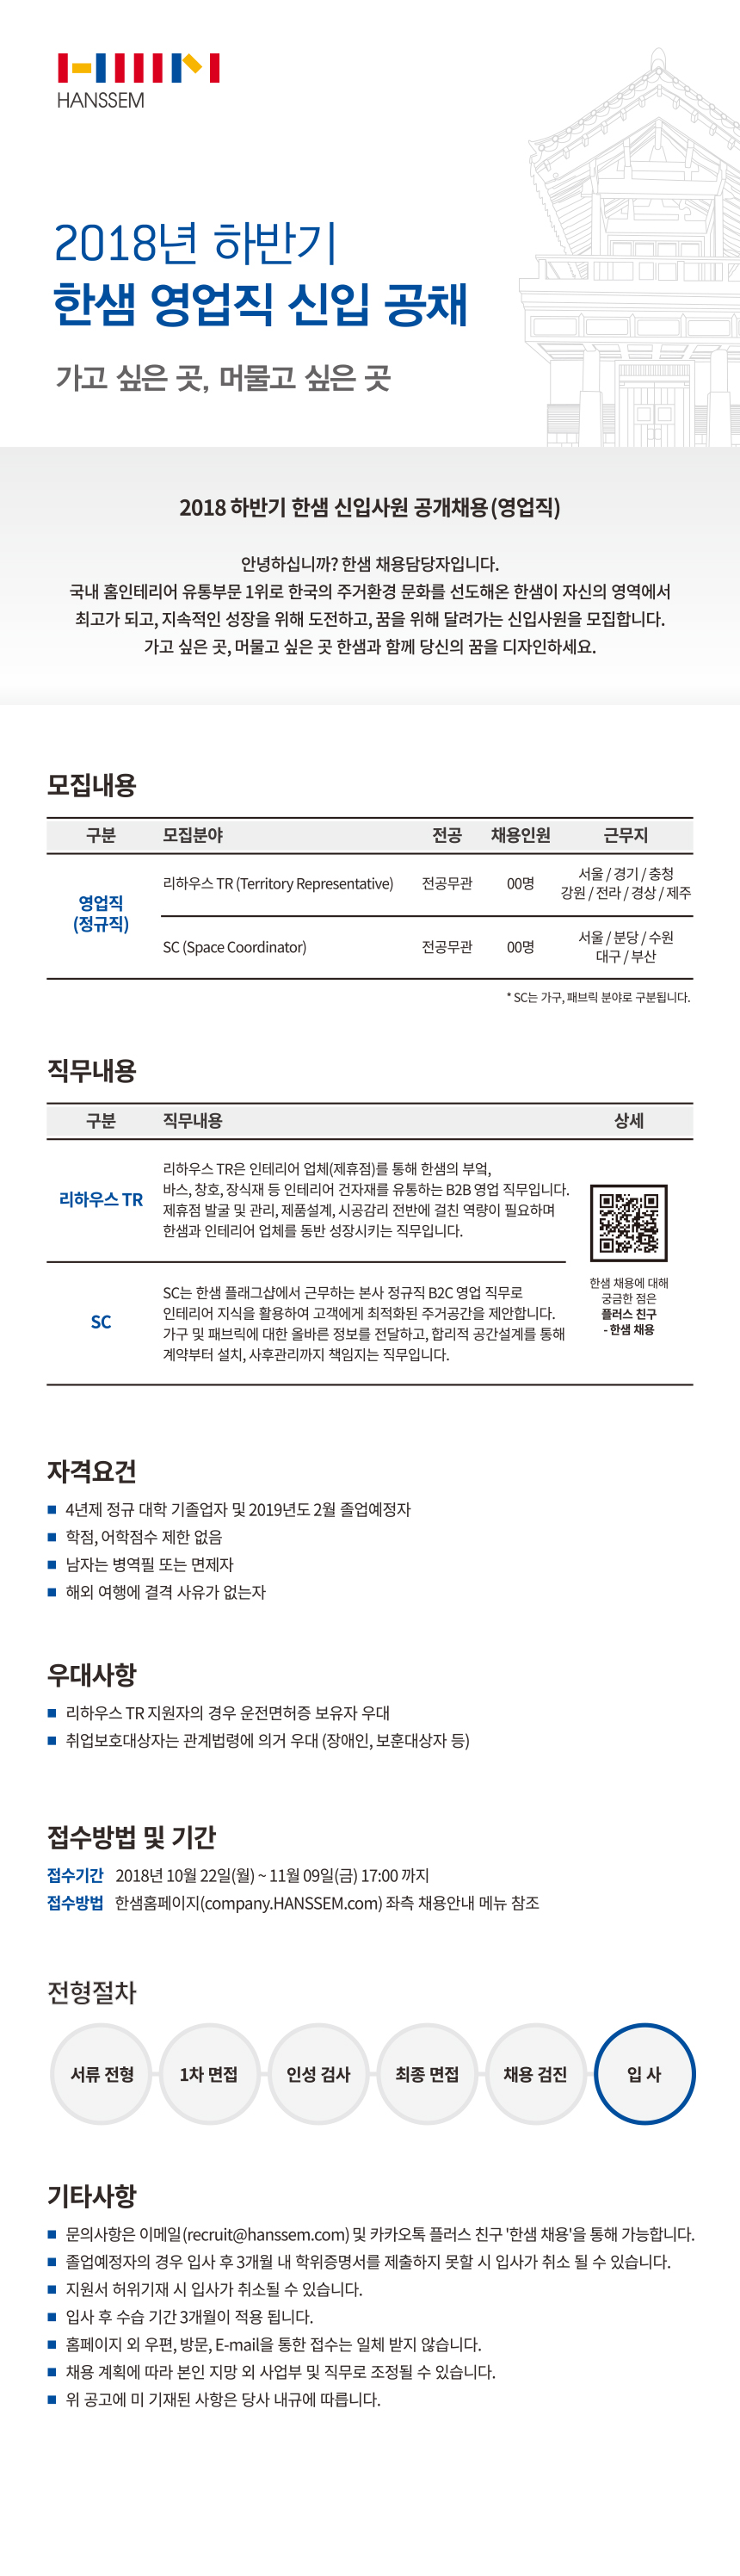 [한샘] 2018 하반기 엉업직 신입공채 모집요강_최종.jpg